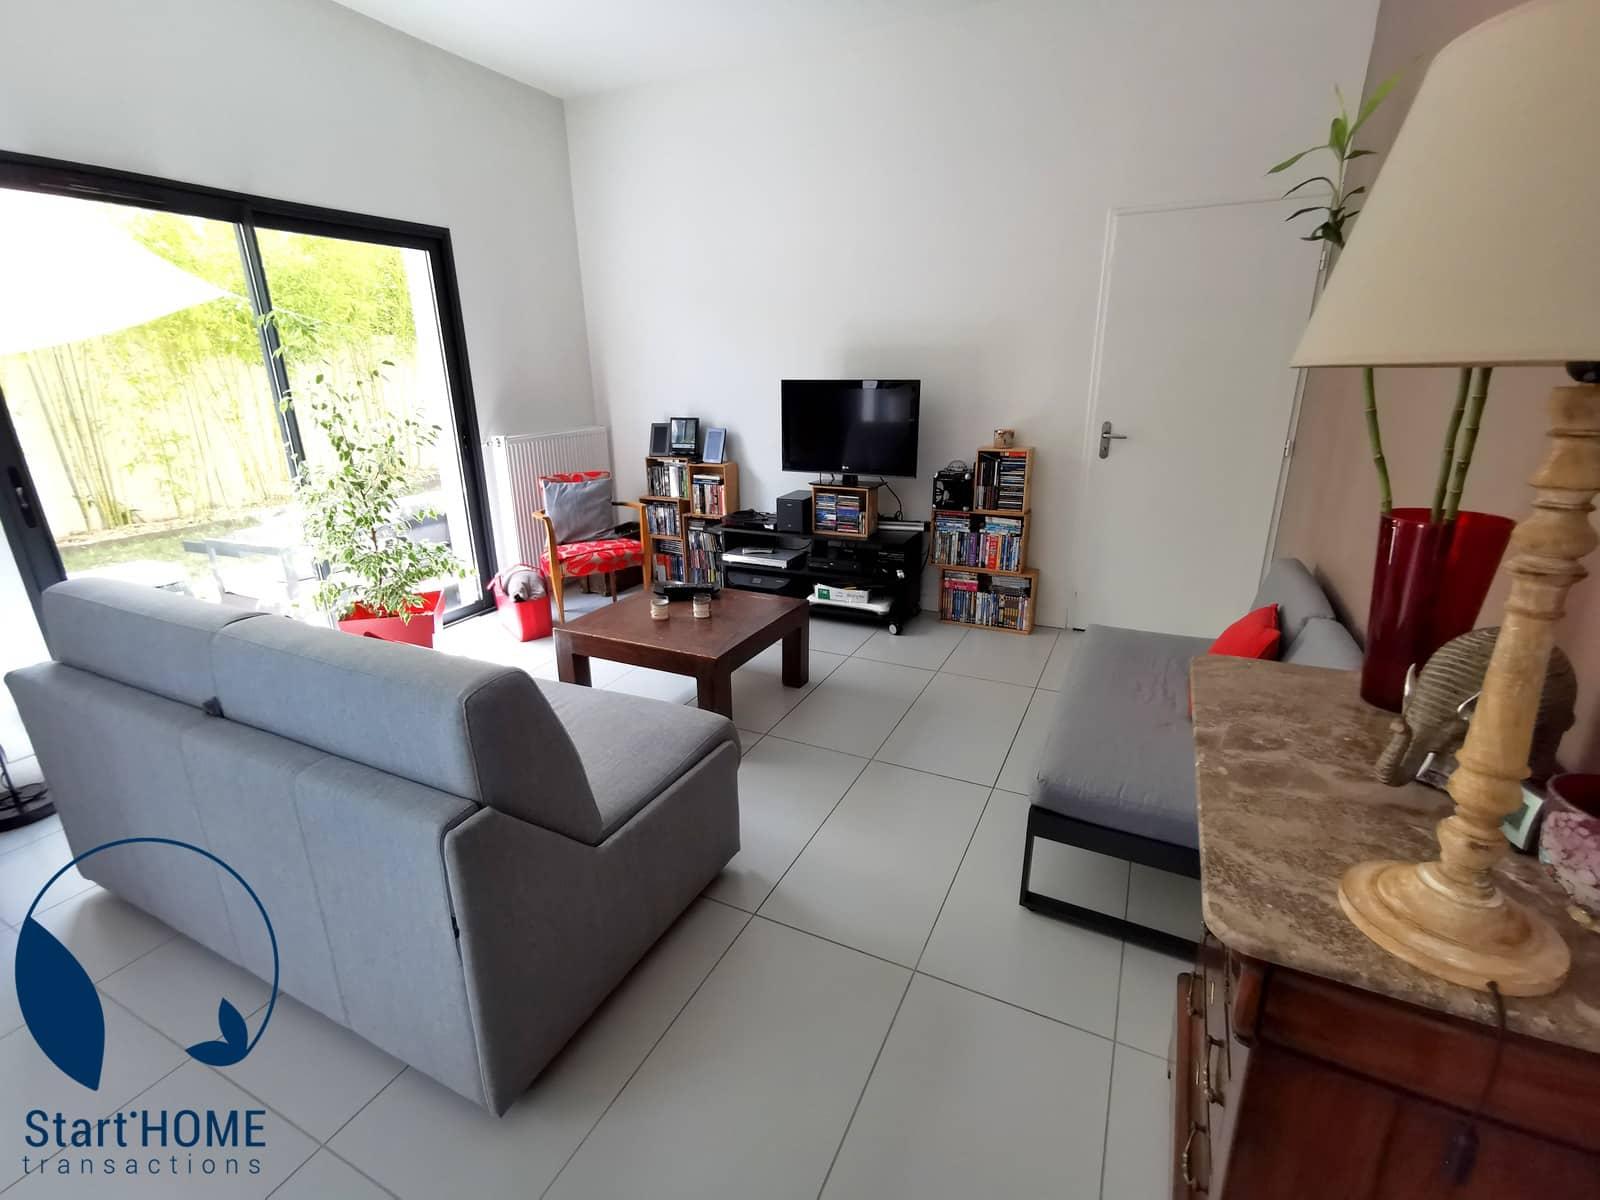 Start Home Transactions Talence Maison 16072020 Photo Adrien Sanchez Infante (2)